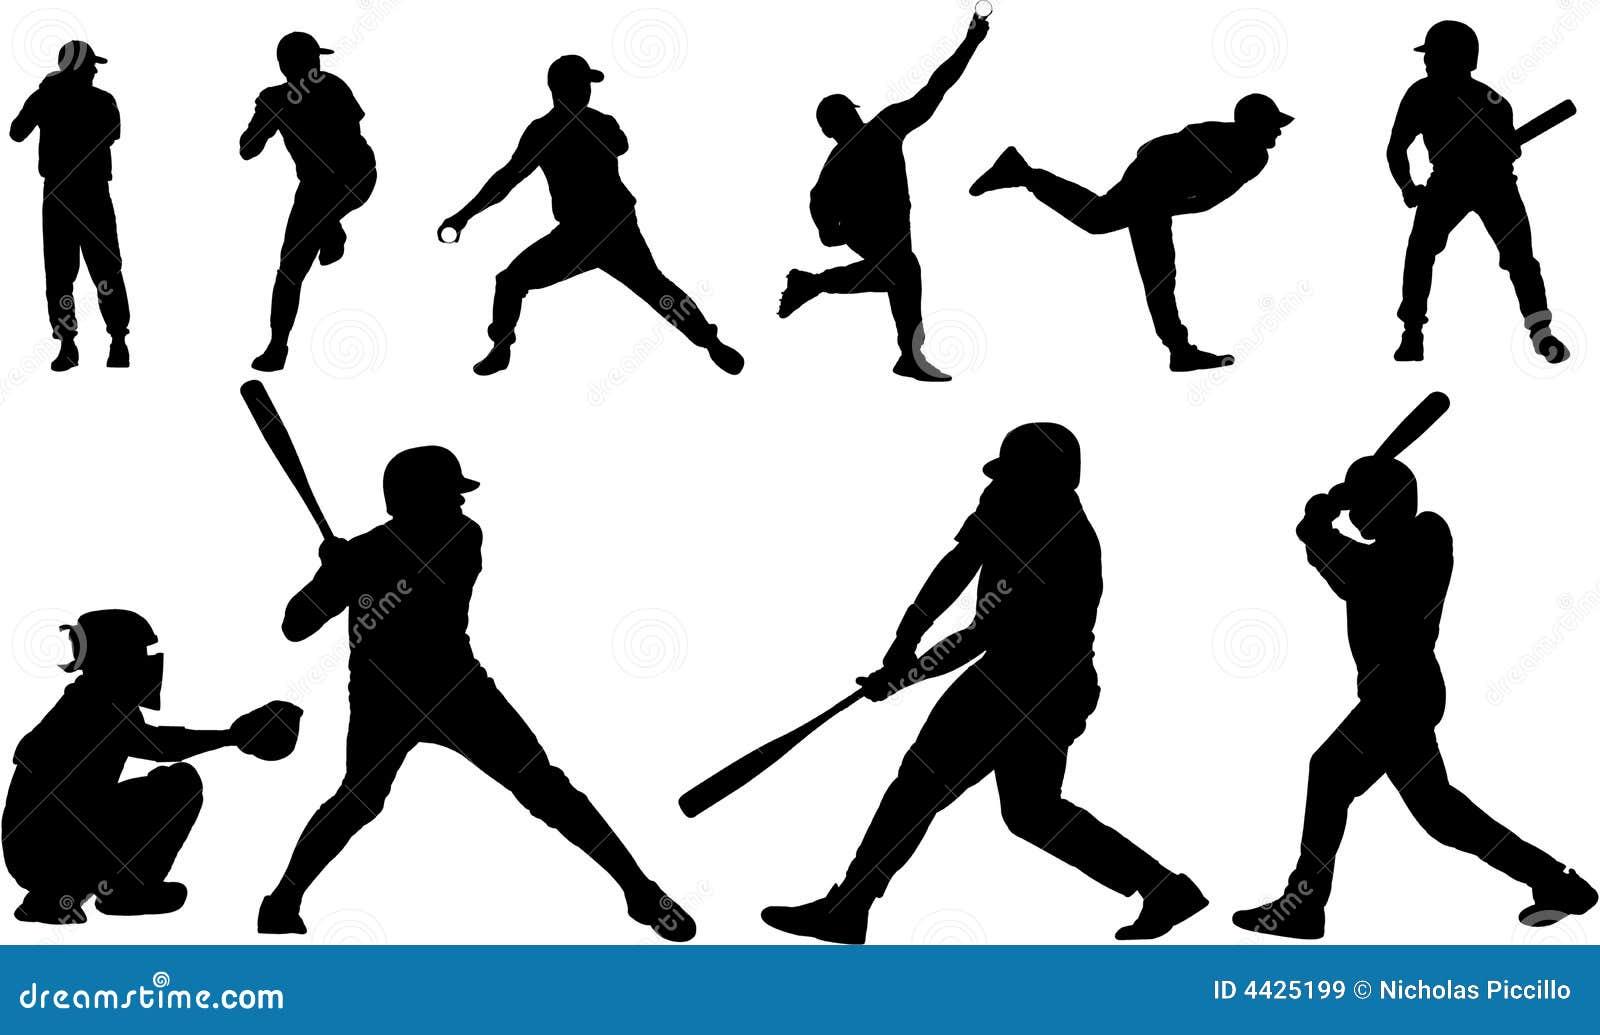 Baseball sylwetki wektorowe